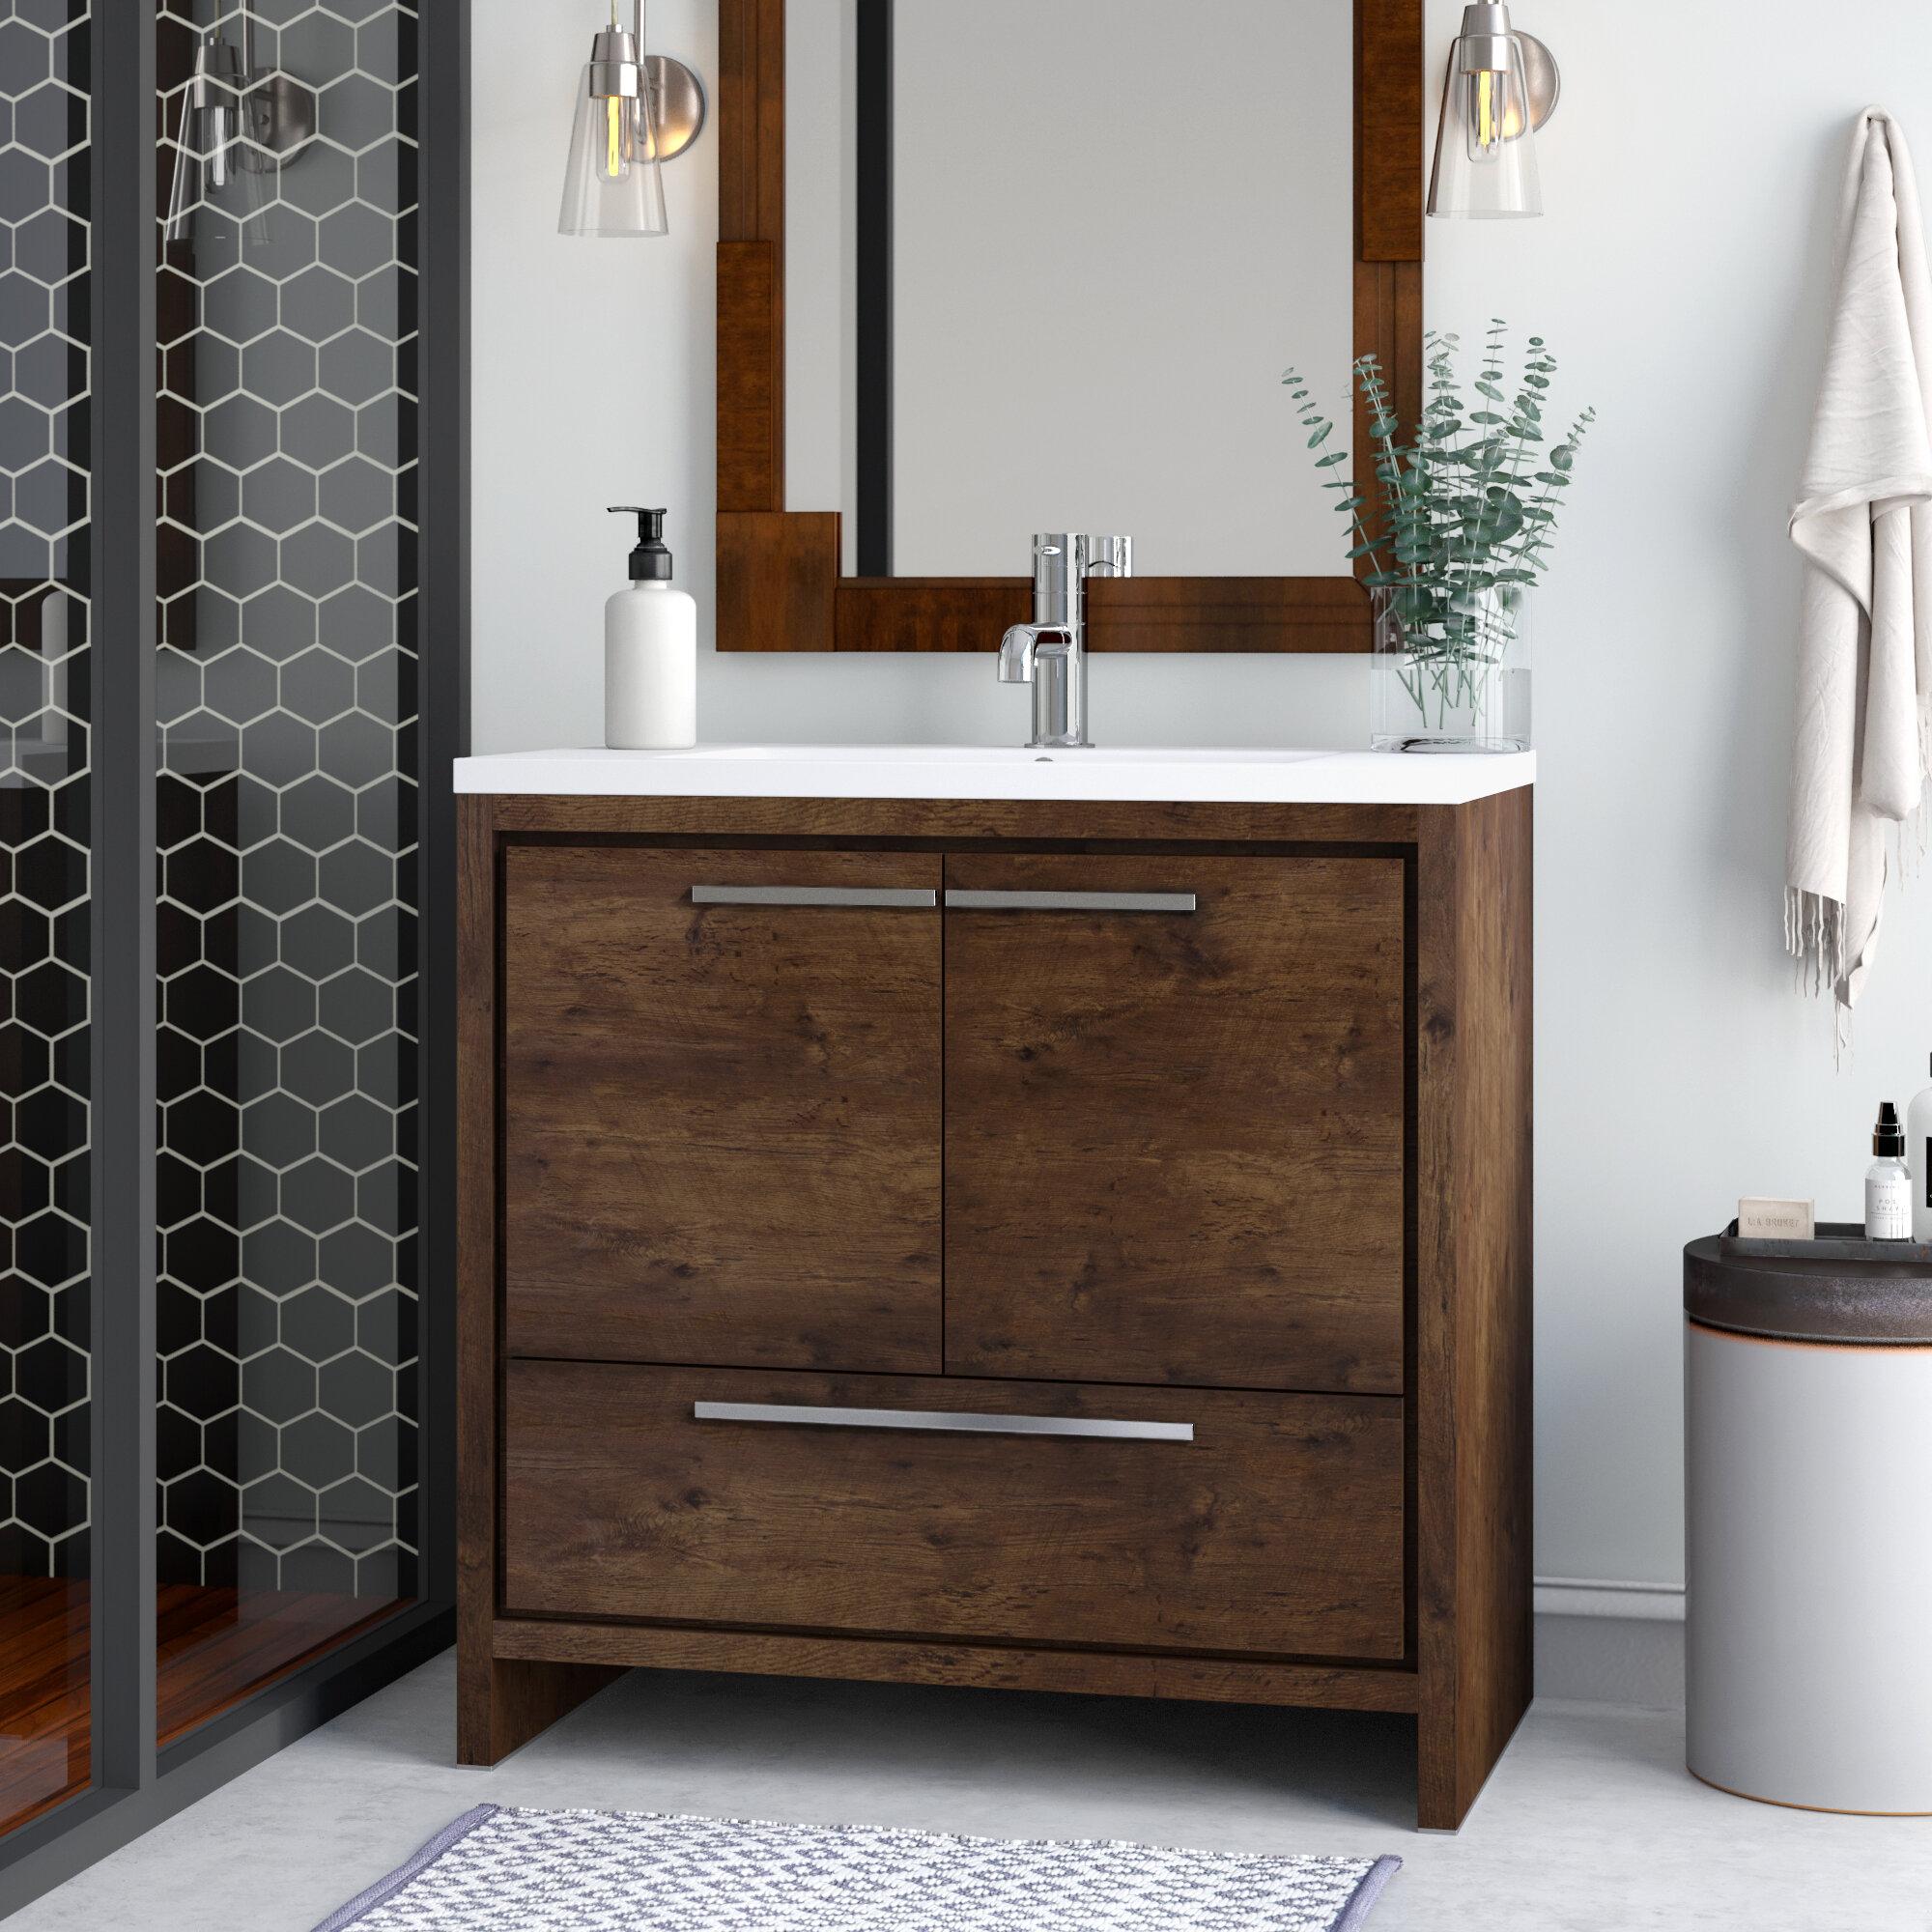 Allmodern Selina Free Standing Modern 36 Single Bathroom Vanity Set Reviews Wayfair Ca